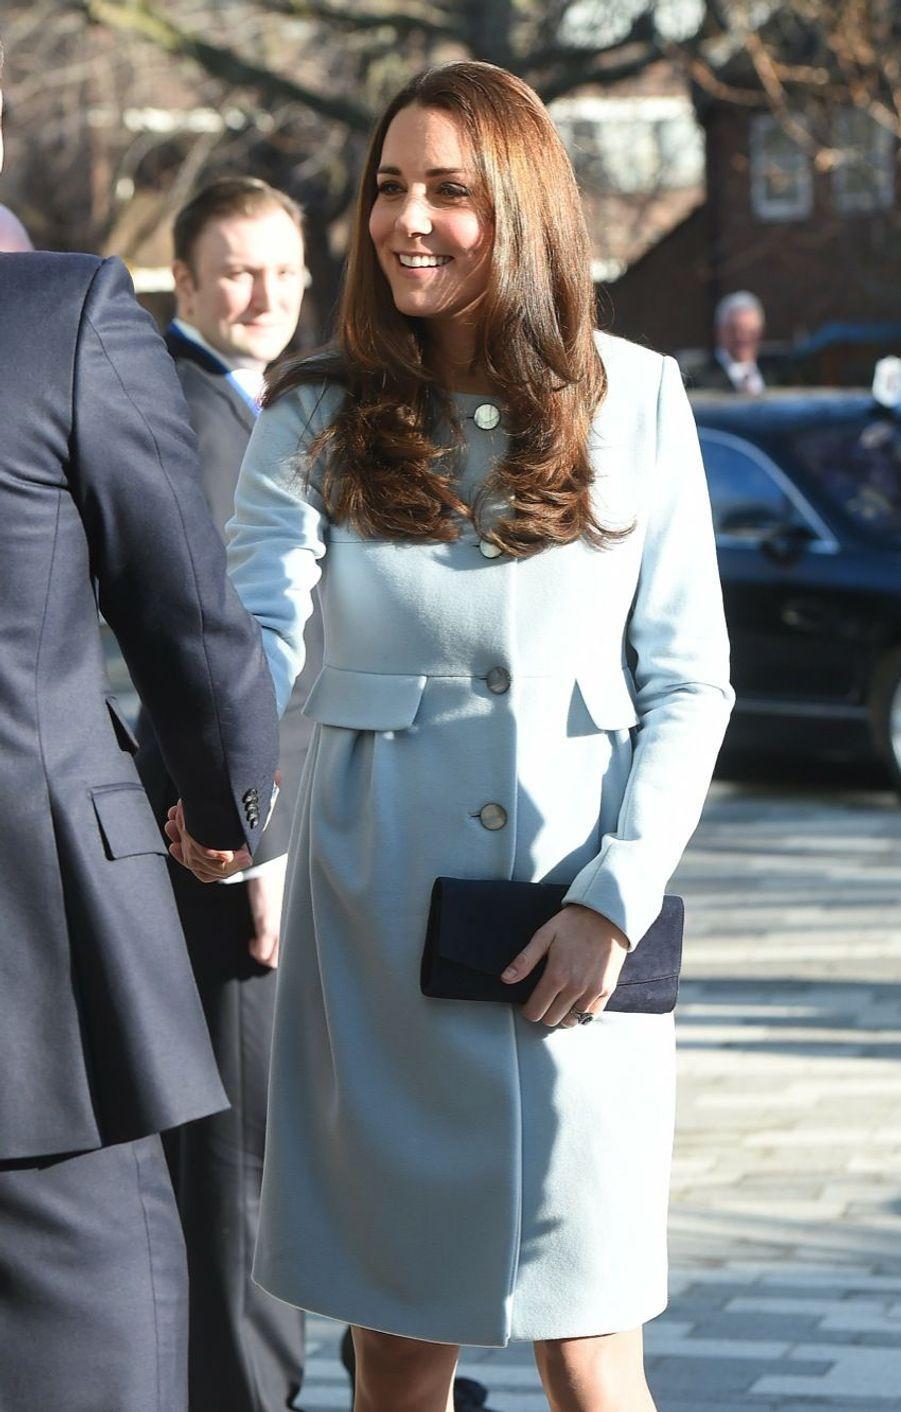 37 La Duchesse De Cambridge, Née Kate Middleton, En Visite À Kensington